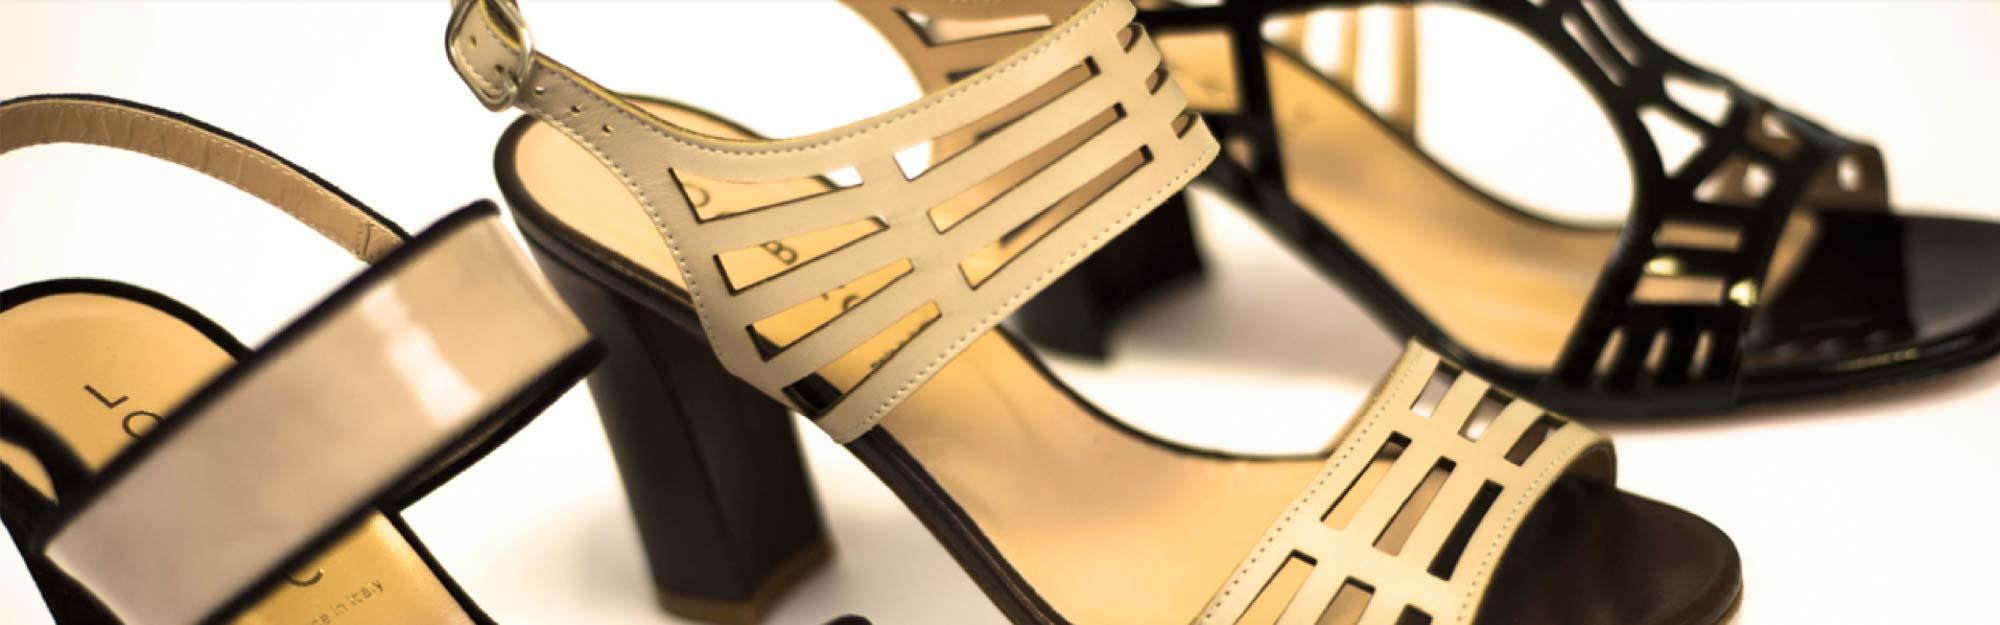 LORBAC shoes - La Botte Chantilly